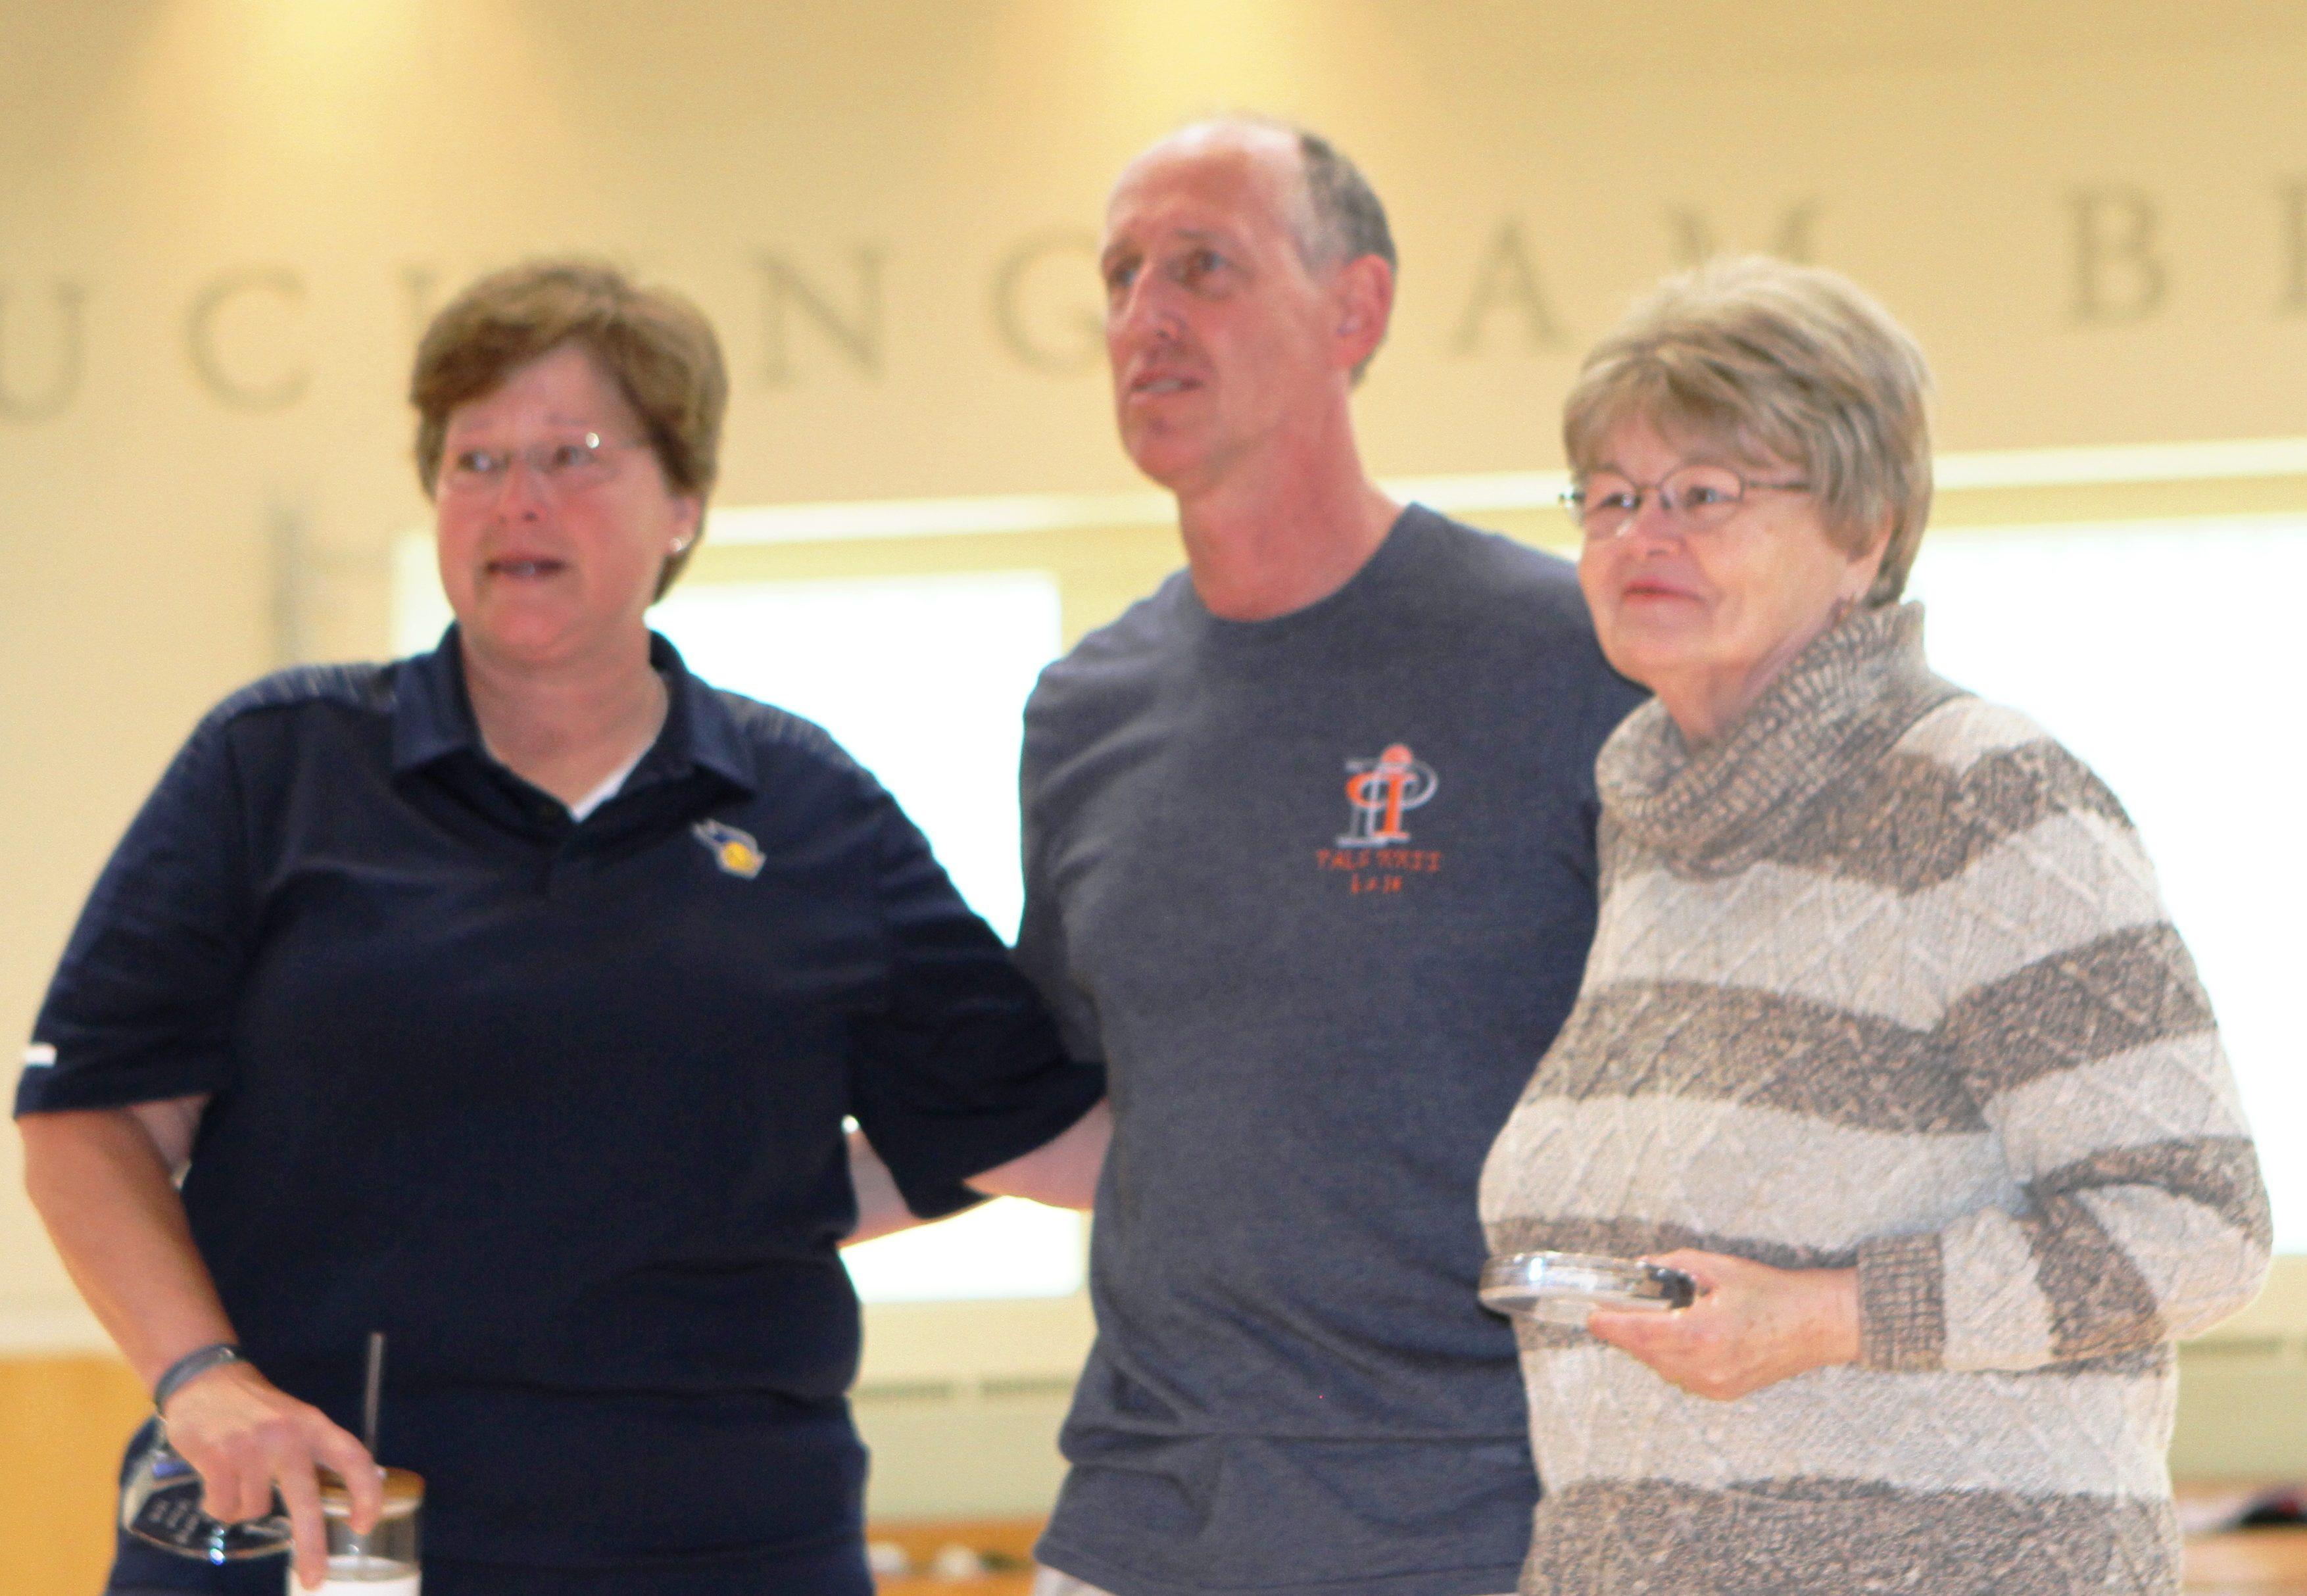 Kathy Newel and Kathy Hogan with Jim Vershbow